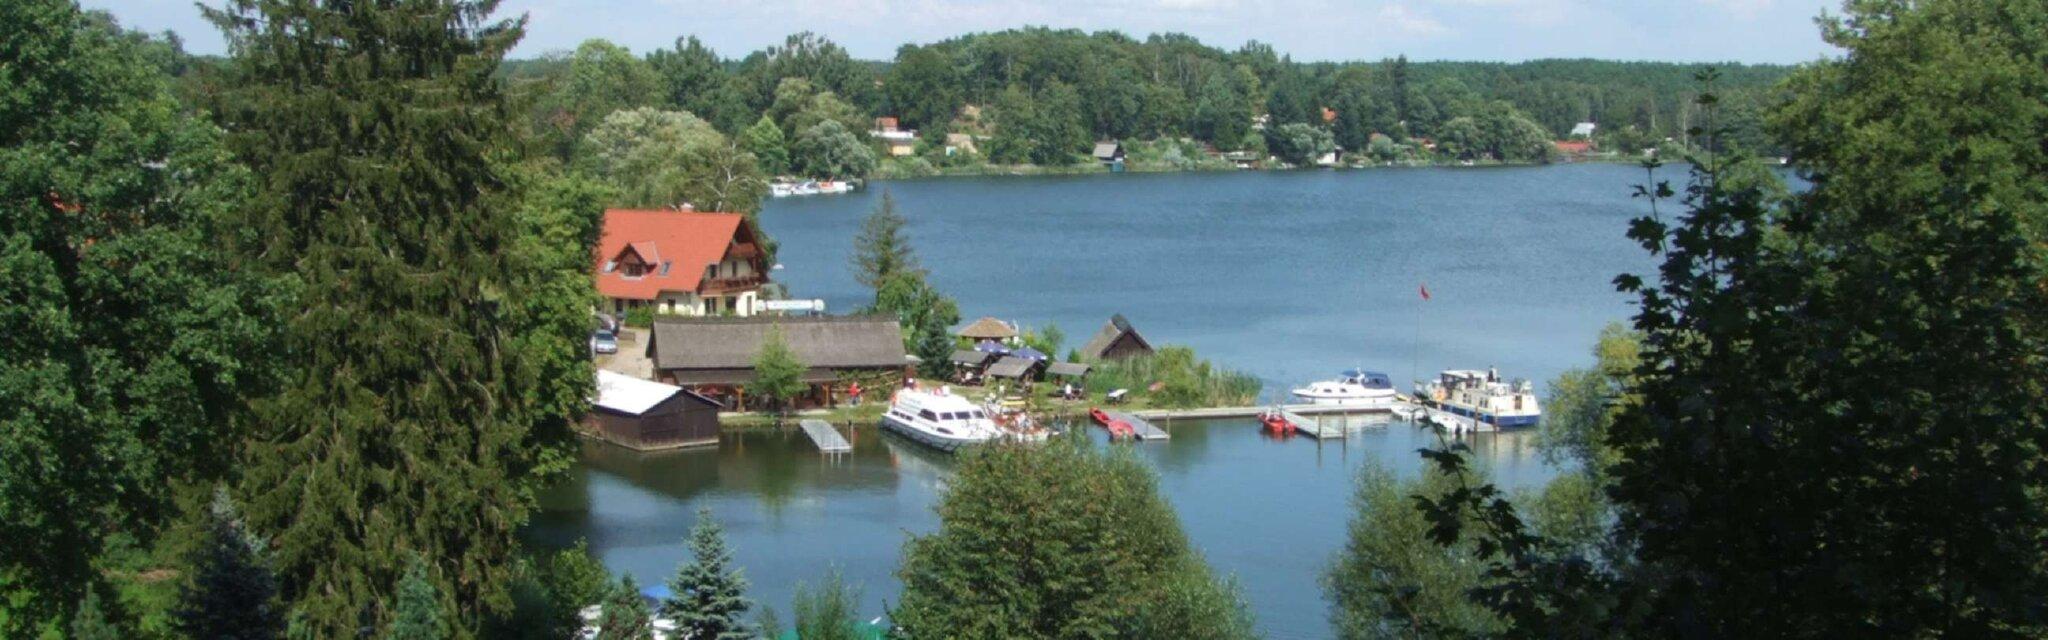 Am Zechliner See